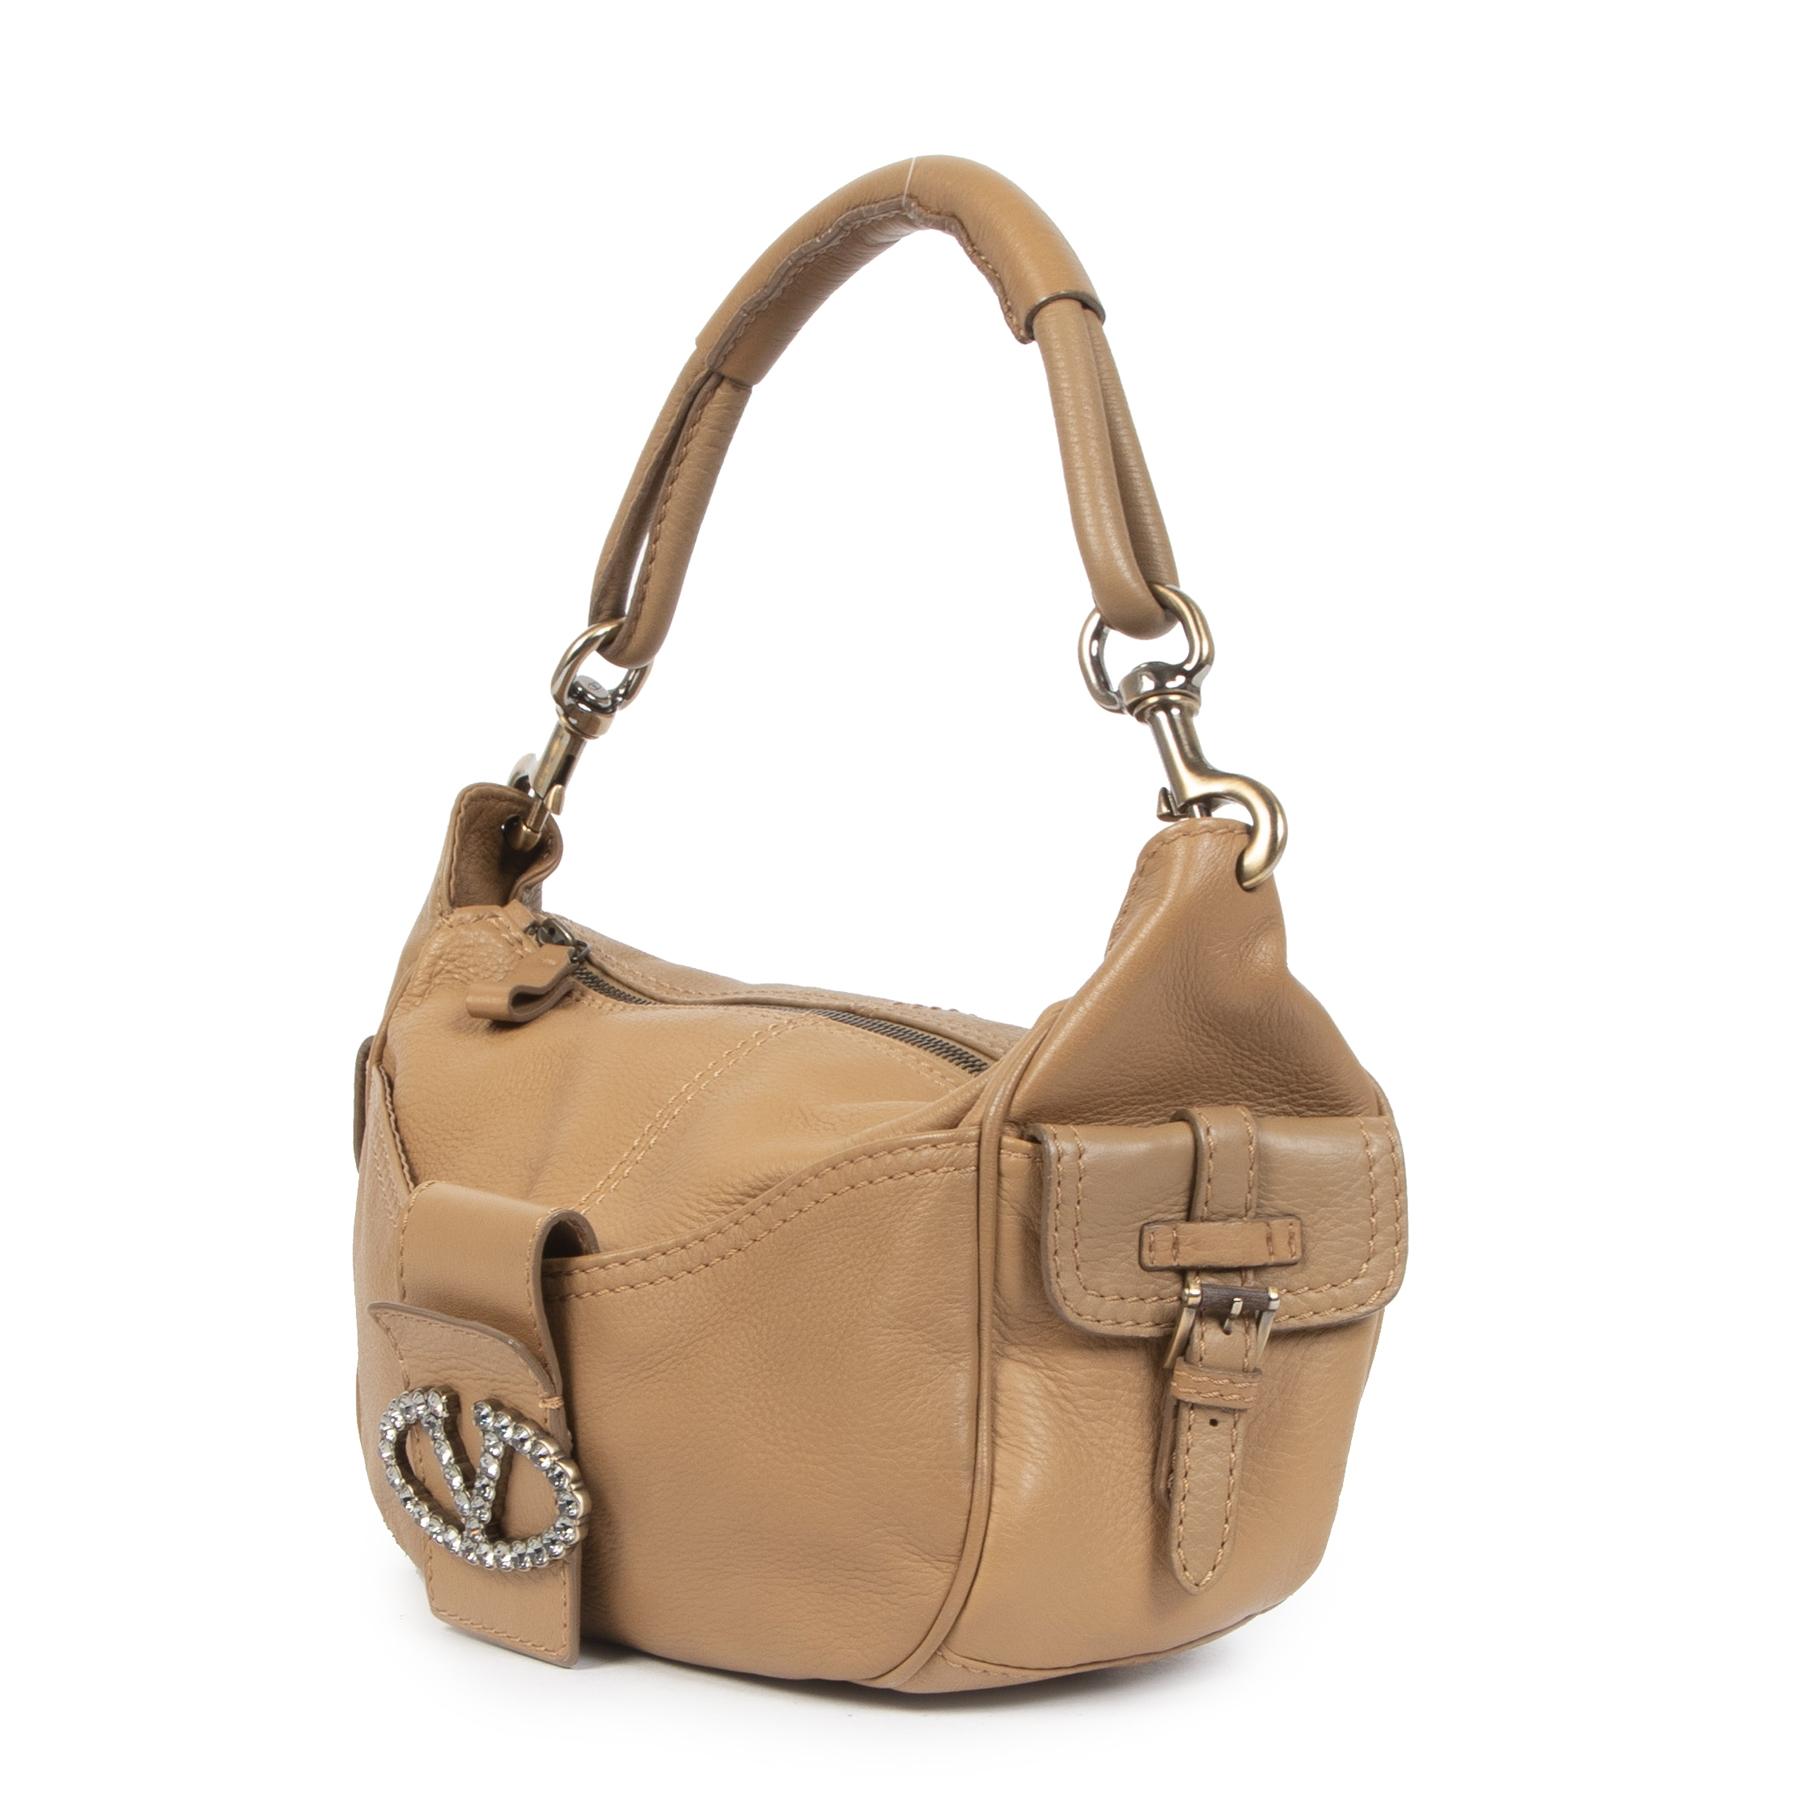 Authentieke tweedehands Valentino Camel V shoulder bag aan de juiste prijs online LabelLOV Luxe Merken Antwerpen